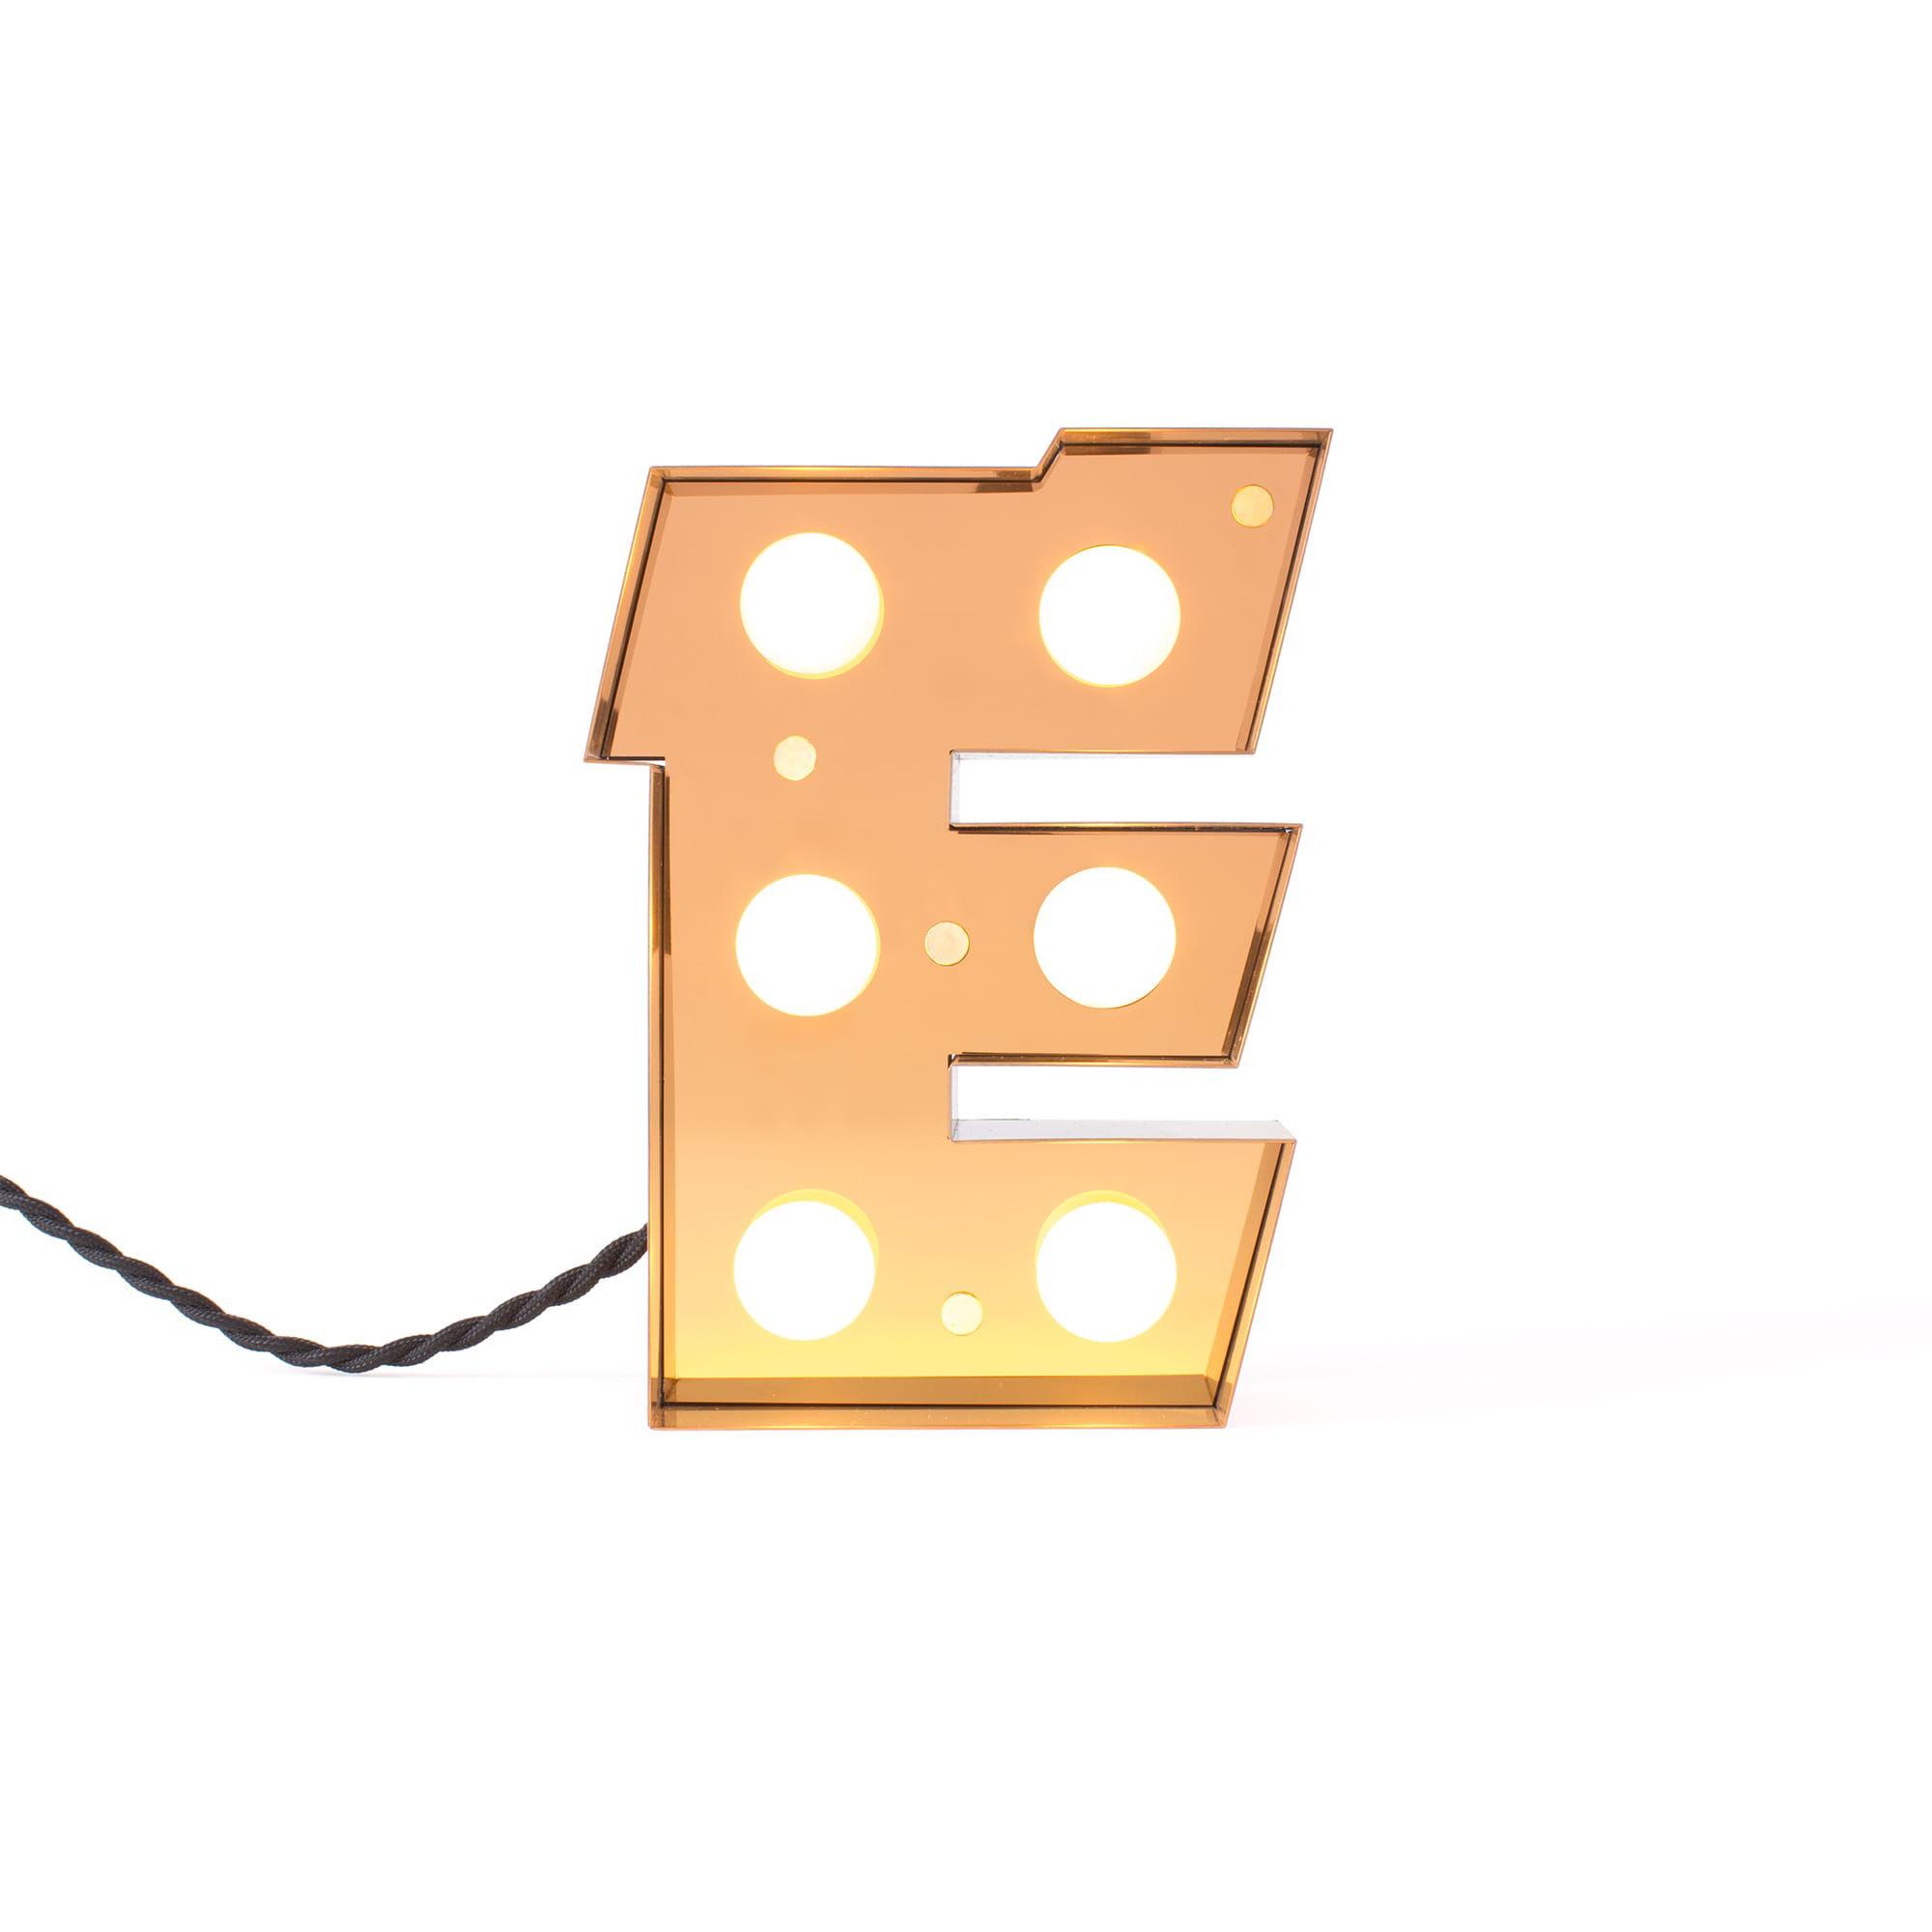 Déco - Pour les enfants - Lampe de table Caractère / Applique - Lettre E - H 20 cm - Seletti - E - Métal laqué